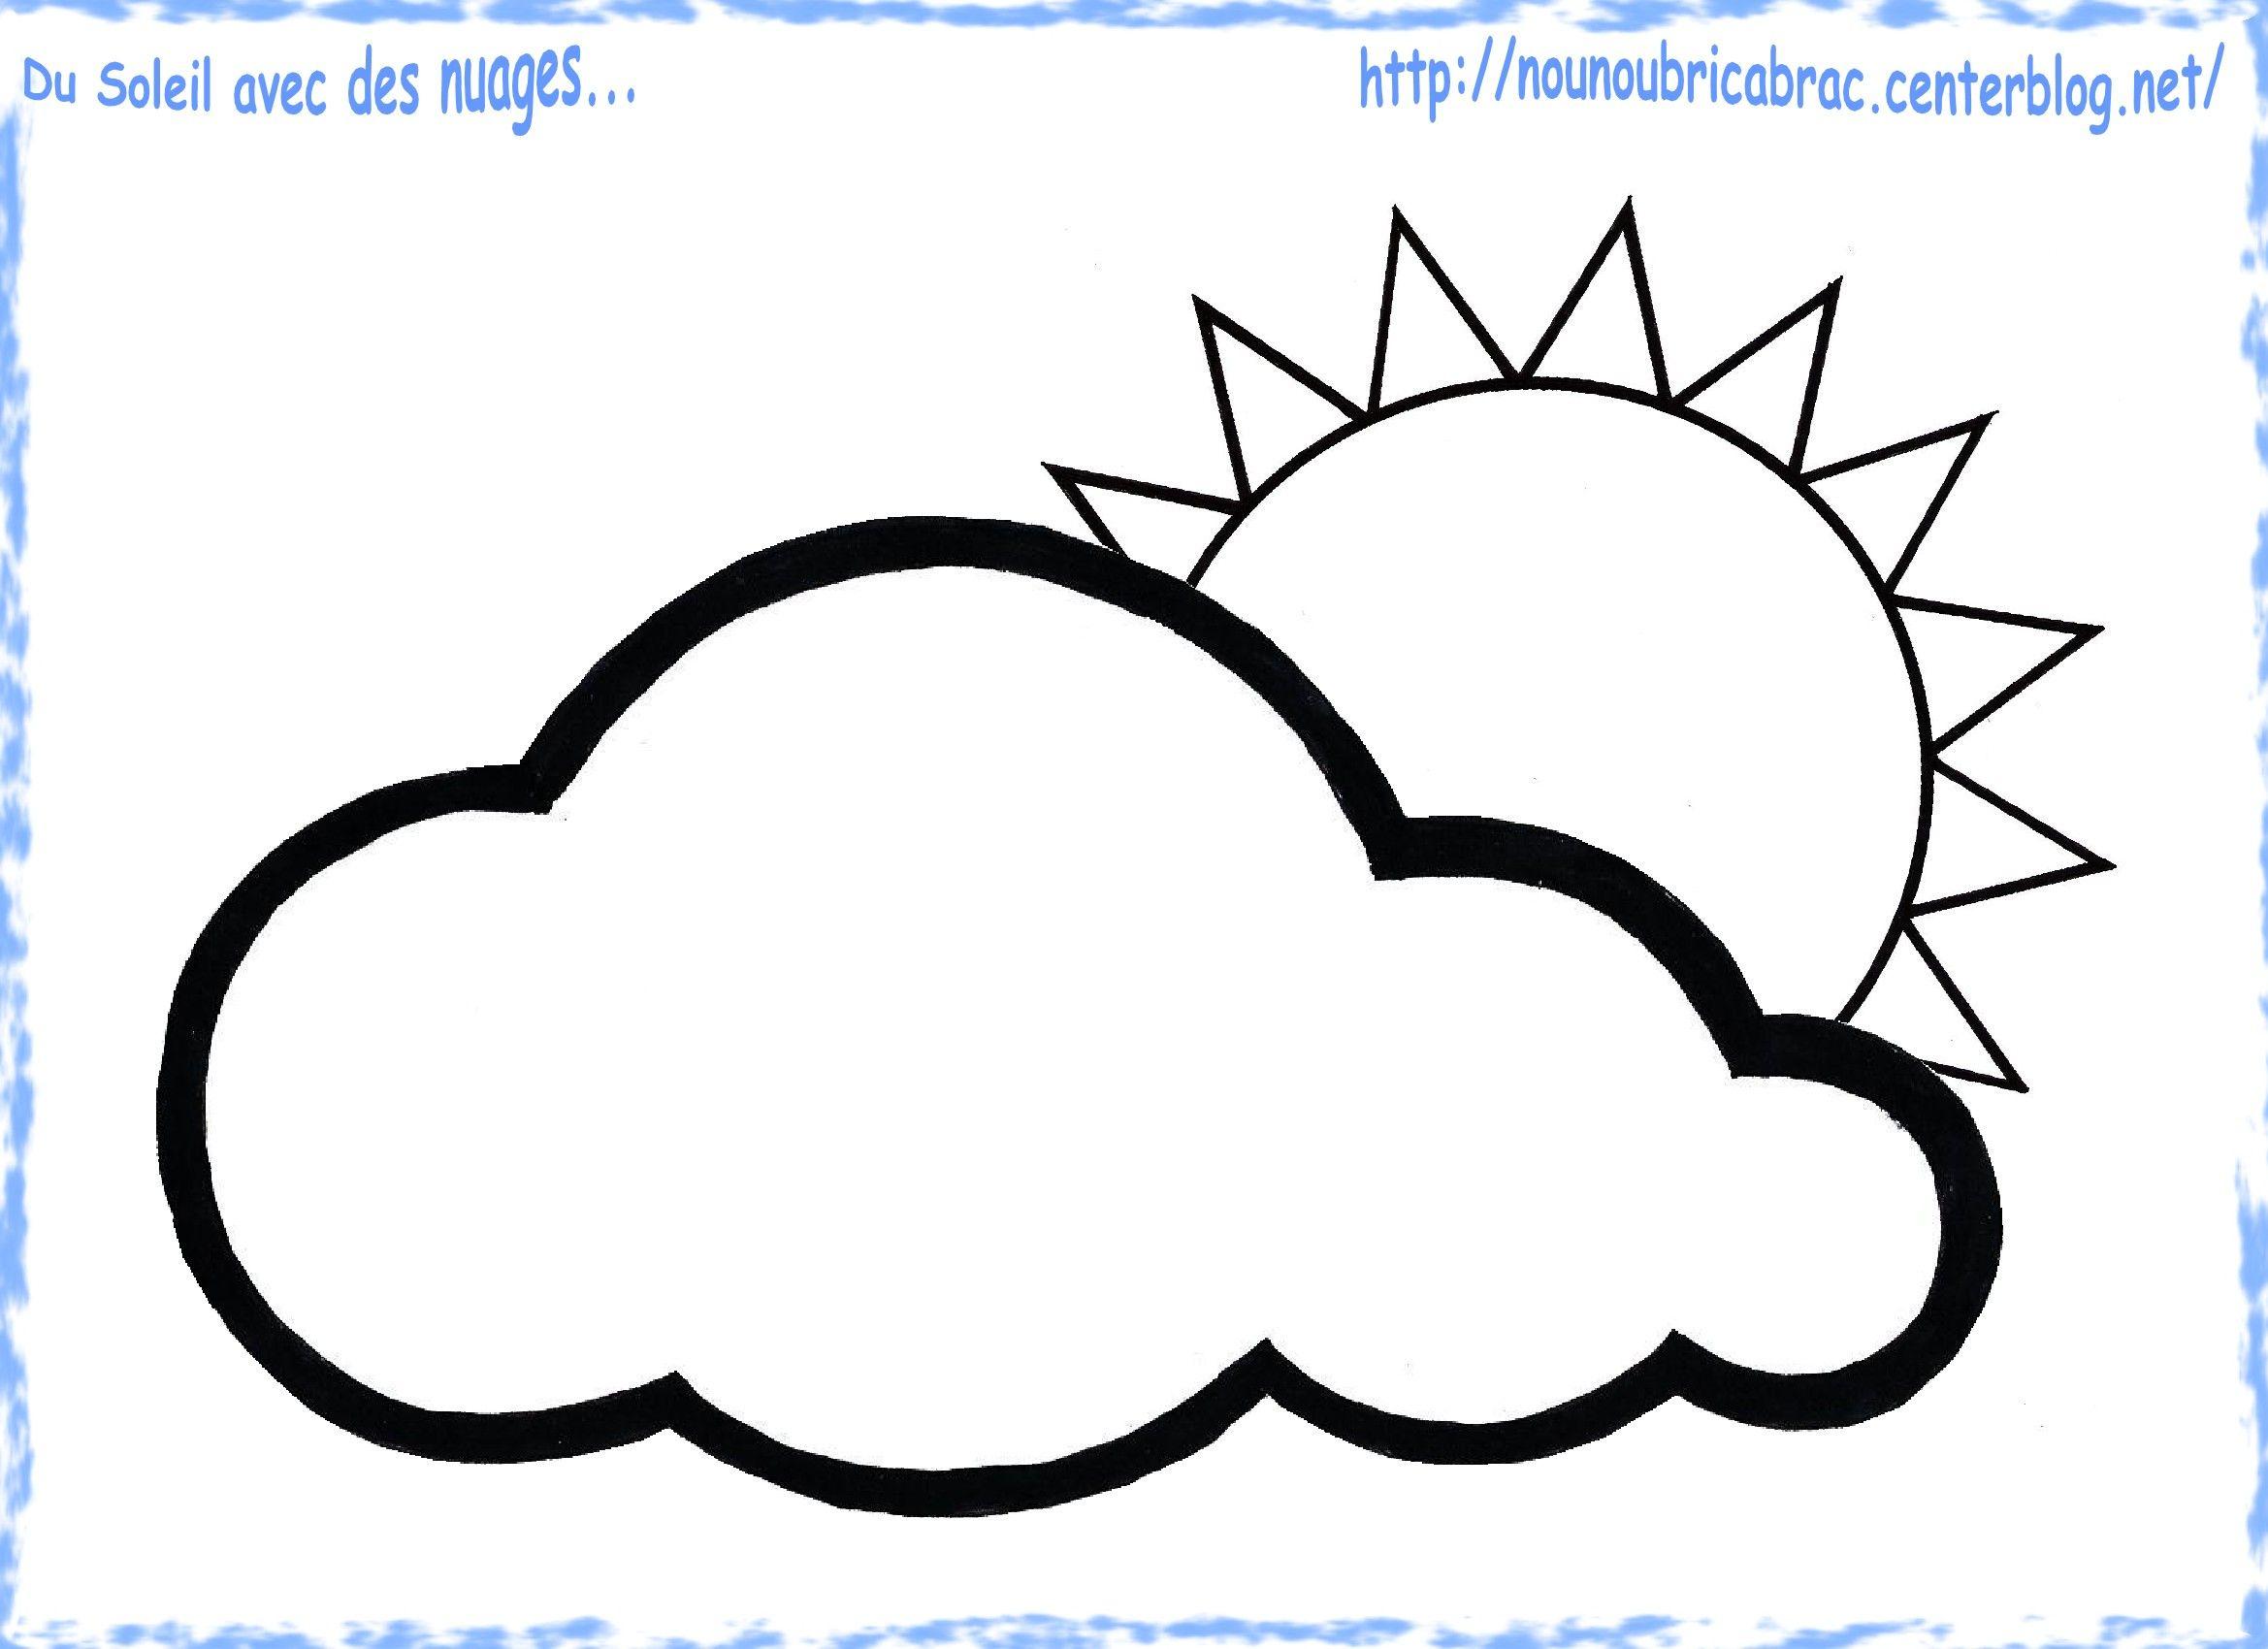 Coloriage Grenouille Meteo.Du Soleil Avec Un Nuage A Colorier Pour Notre Grenouille